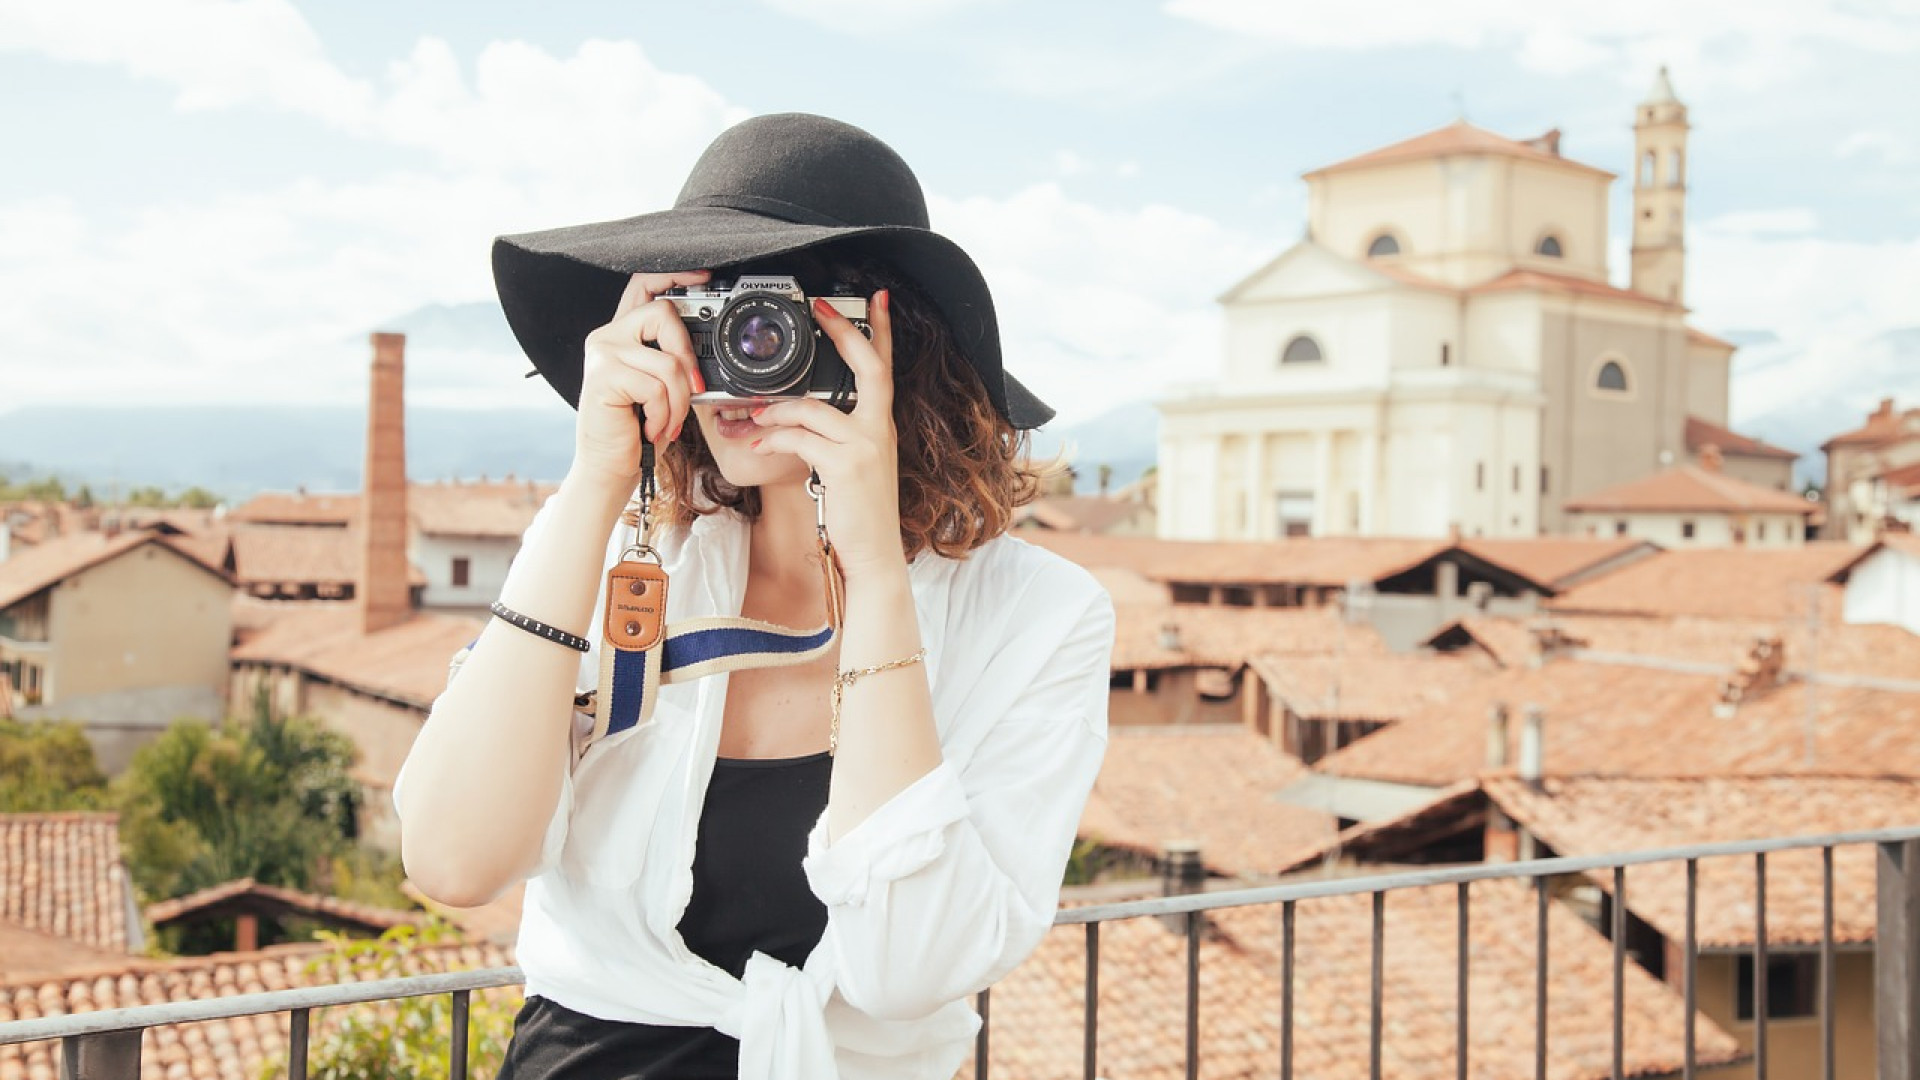 Comment bien choisir un objectif photo ?